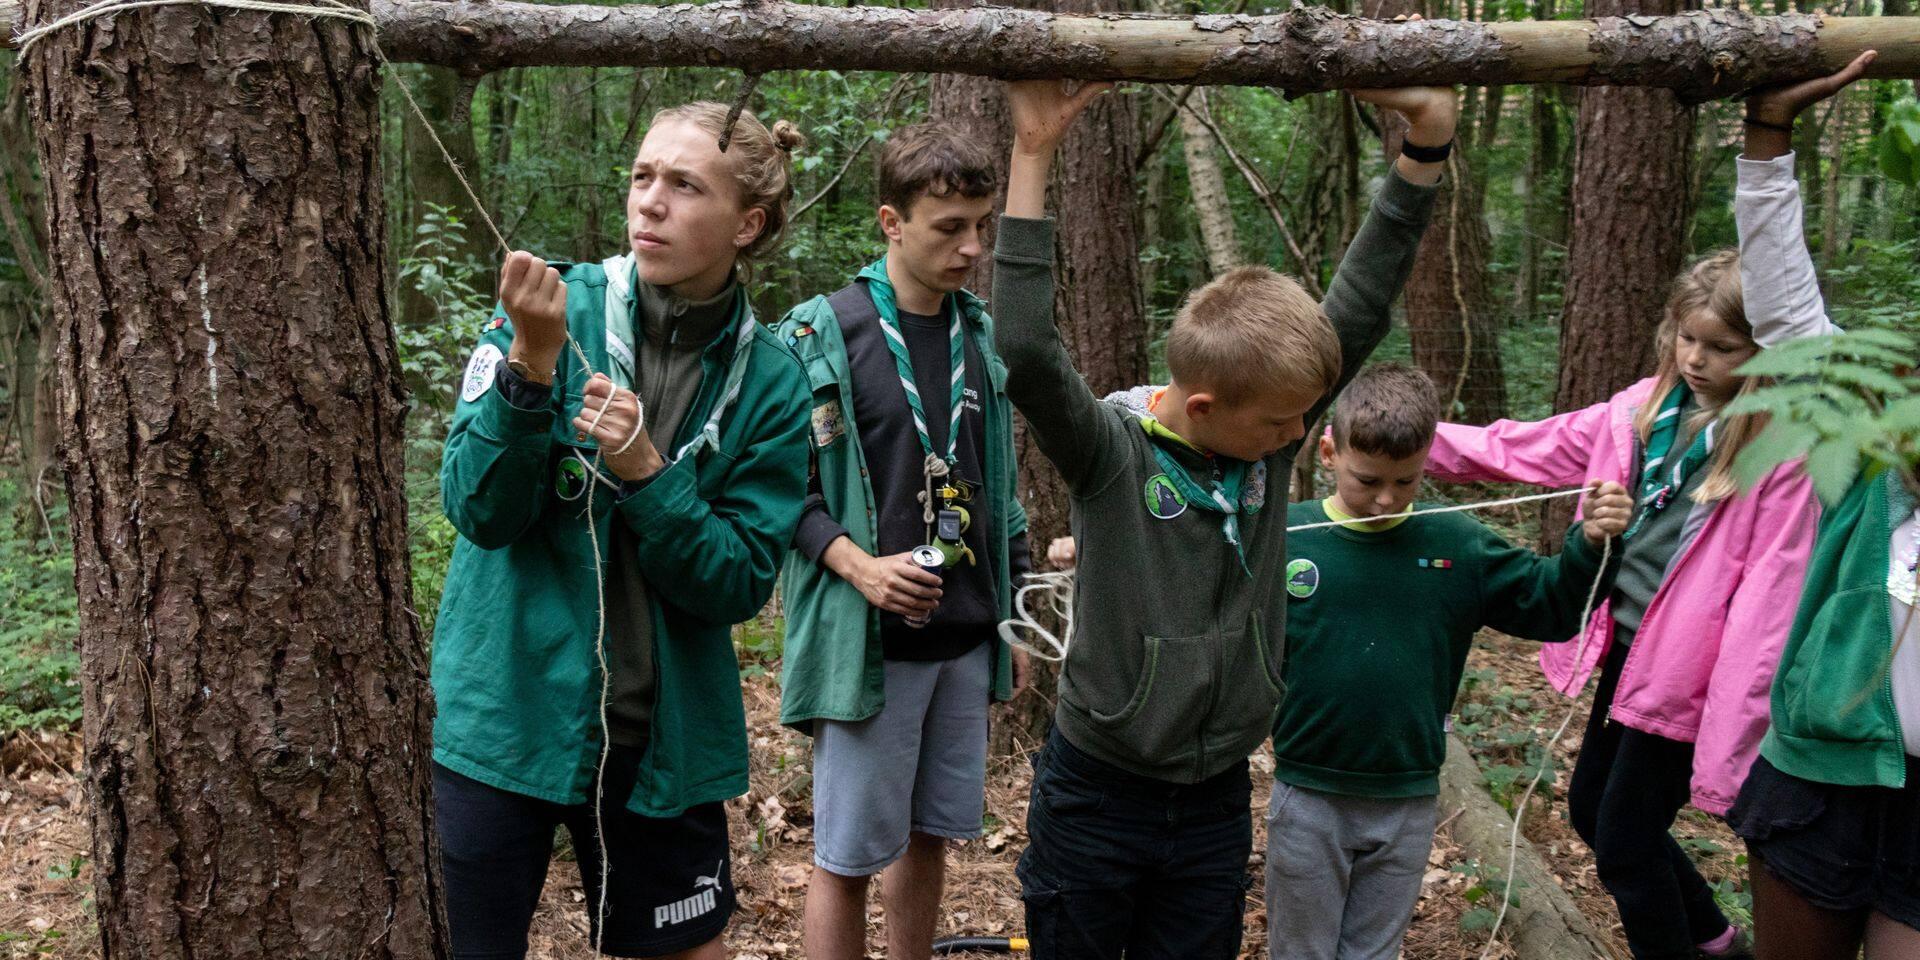 Cinquante scouts mis en quarantaine à la suite d'un cas positif dans le camp